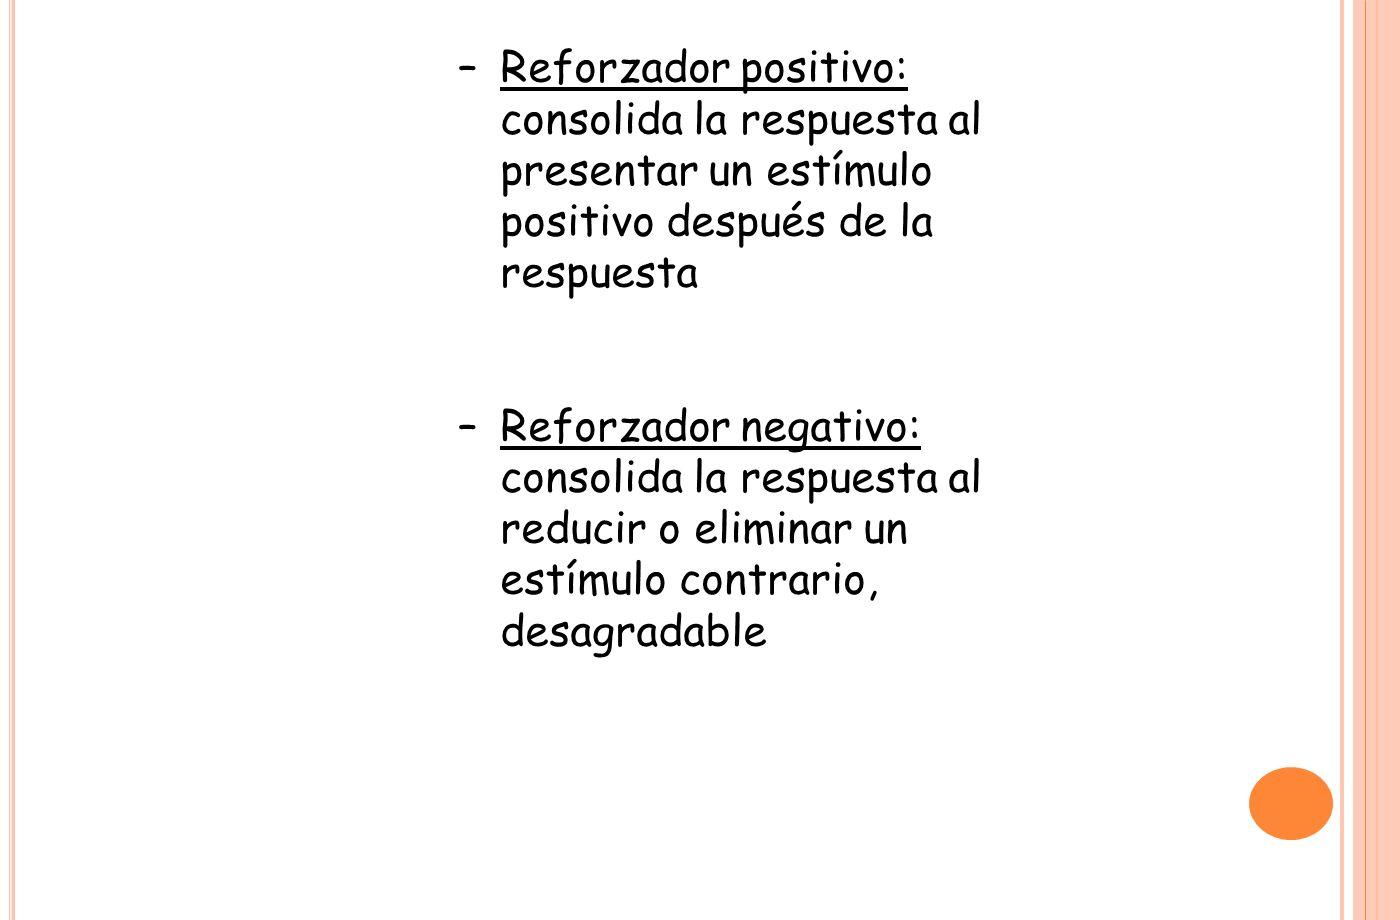 Reforzador positivo: consolida la respuesta al presentar un estímulo positivo después de la respuesta